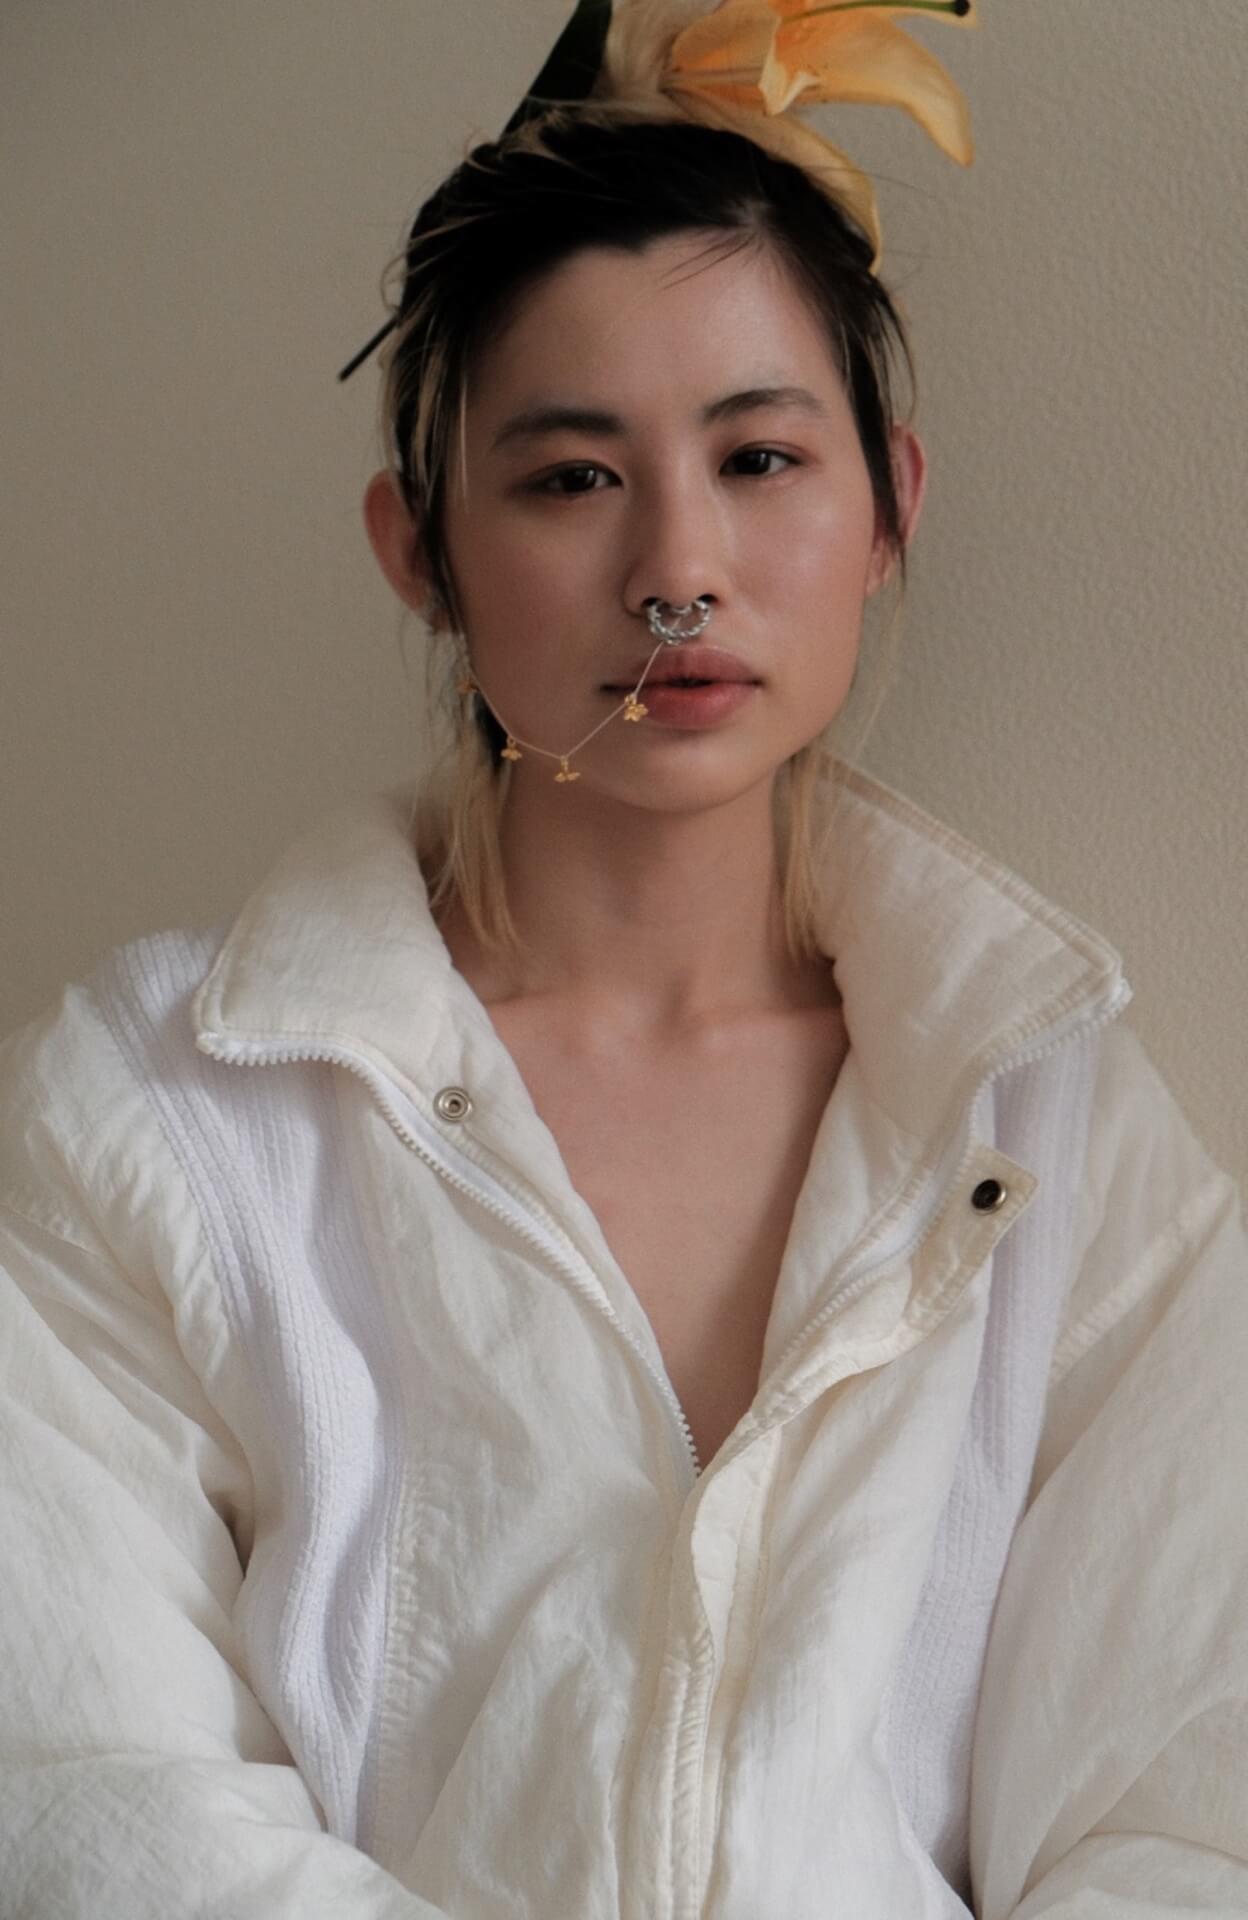 テラスハウス出演モデル・俳優の松㟢翔平が日本で知られていない台湾コンテンツを紹介!<宝島 BAODAO>POP UP開催 lf200110_baodaopopup_08